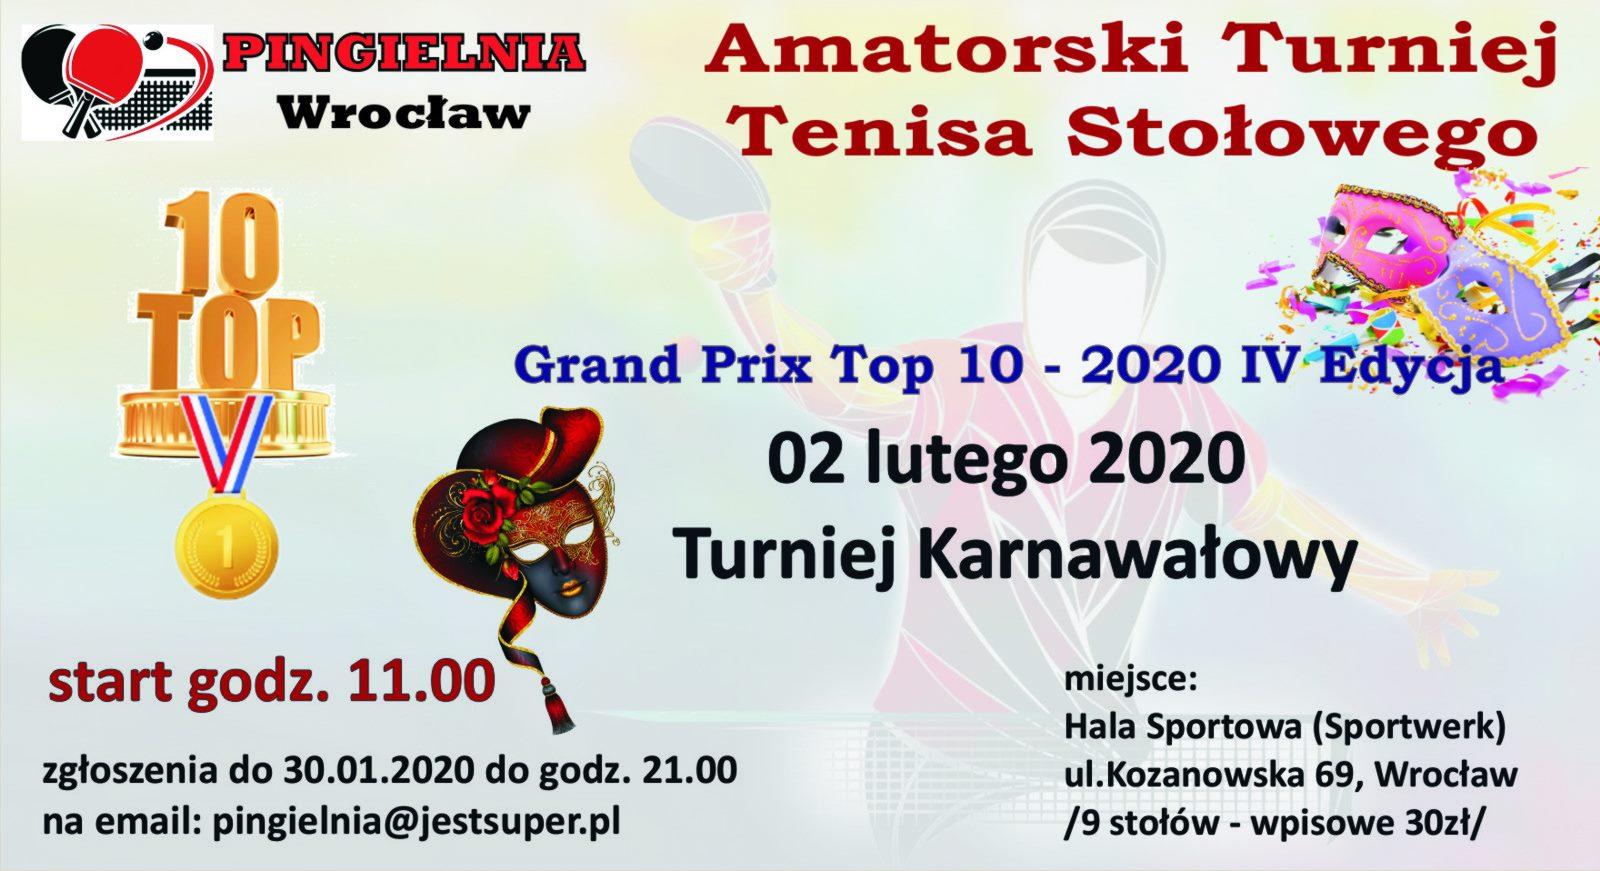 Plakat turnieju Amatorski Turniej Tenisa Stołowego (Pingielnia)